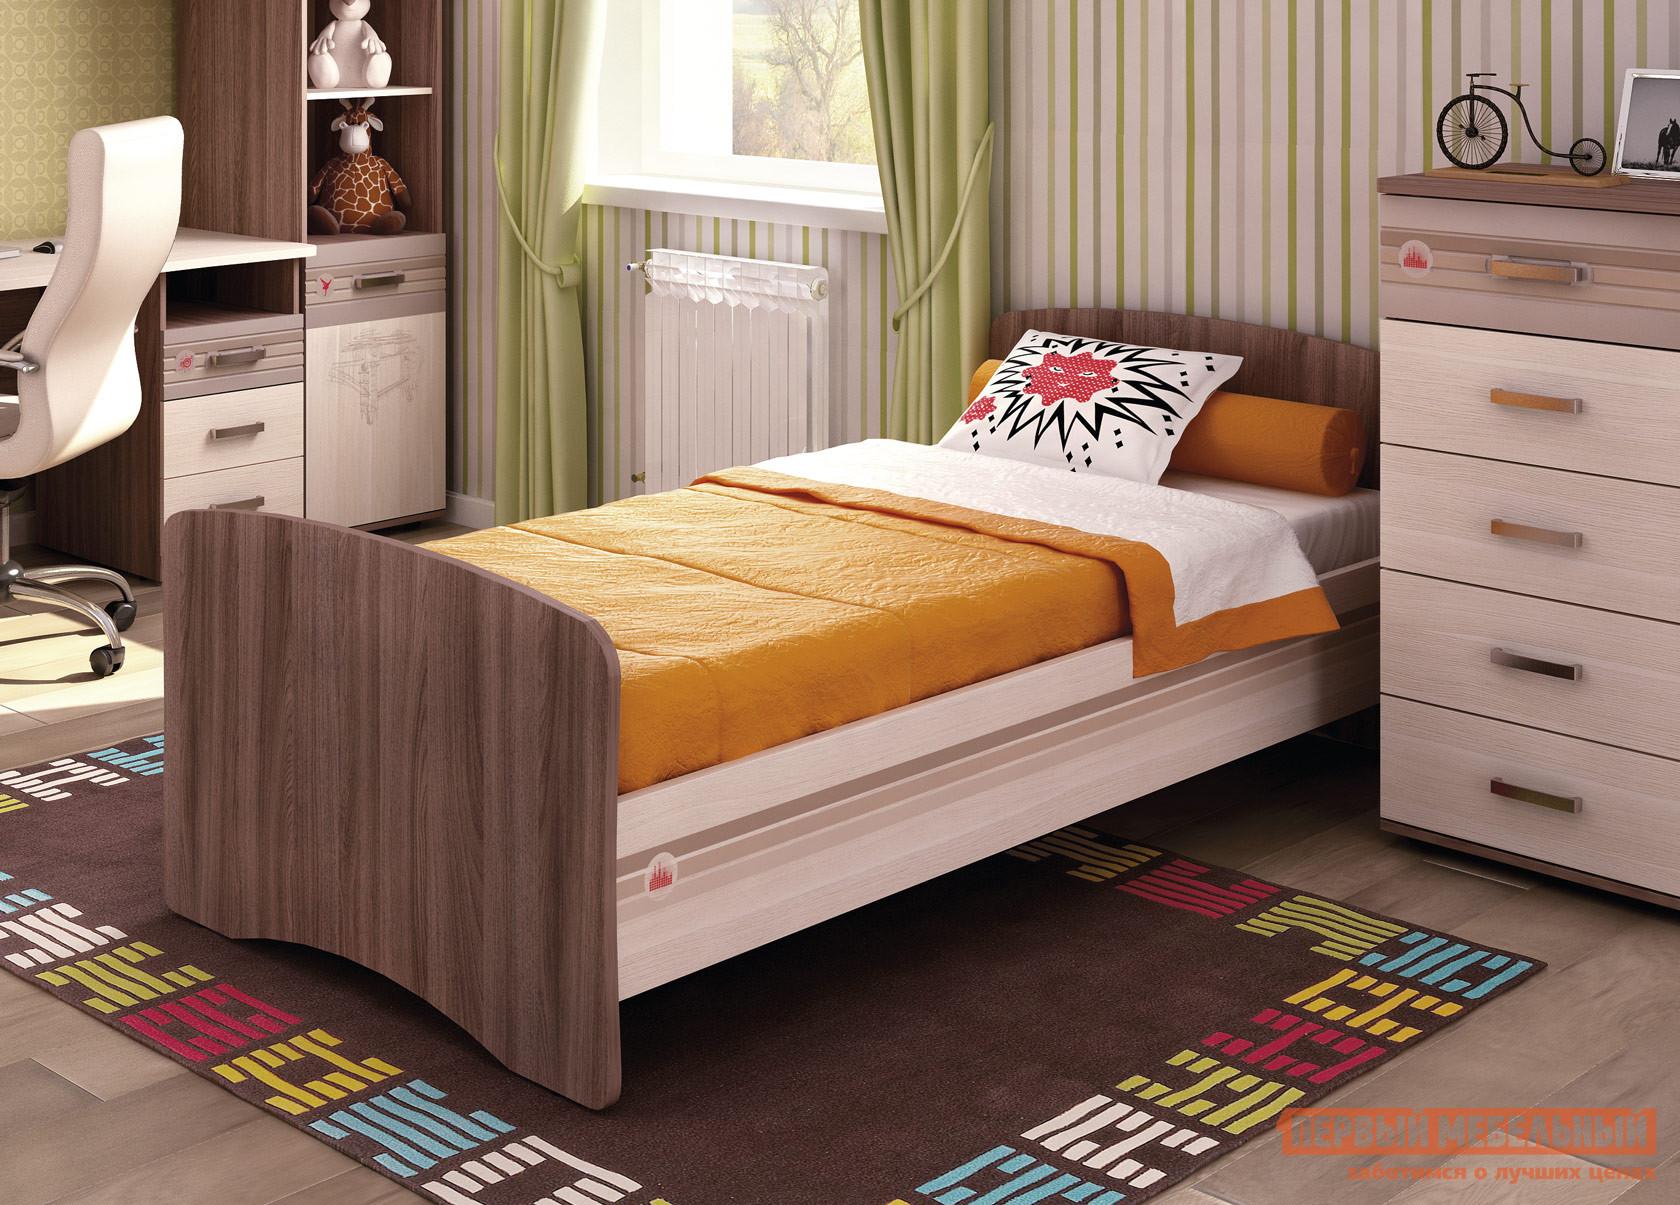 Детская кровать Витра Британия-52.10 двуспальная кровать витра 98 01